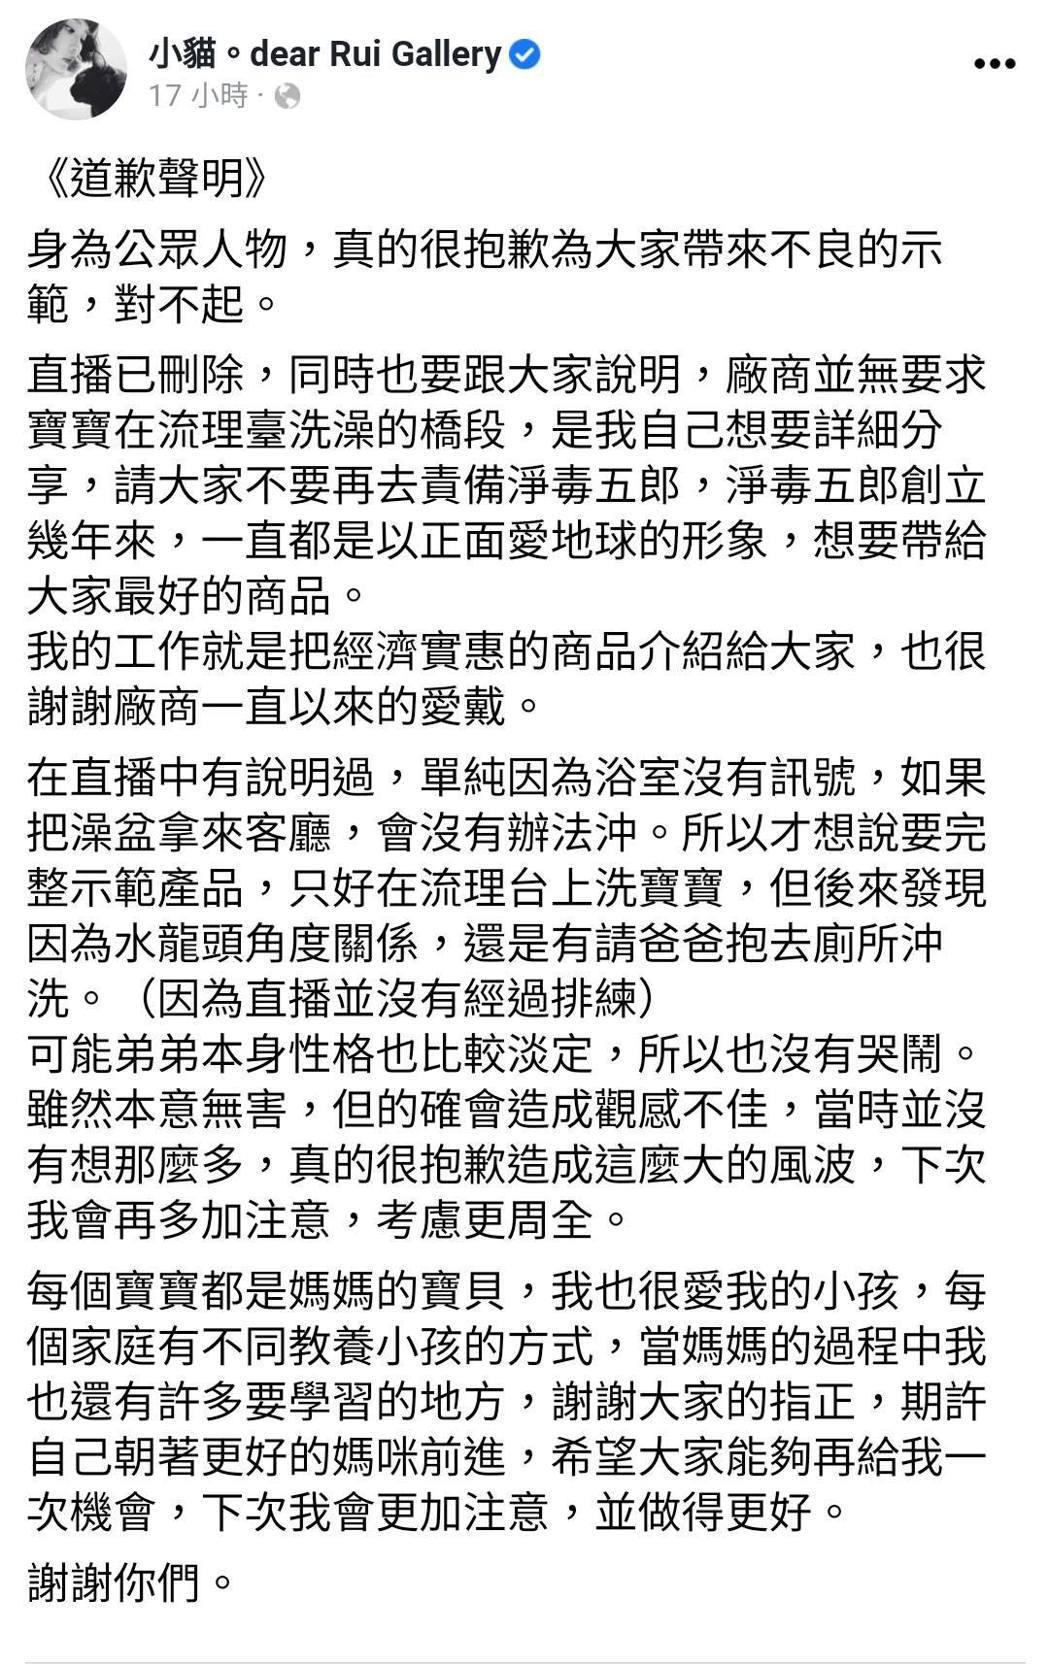 小貓在臉書上發出道歉聲明。 圖/擷自臉書